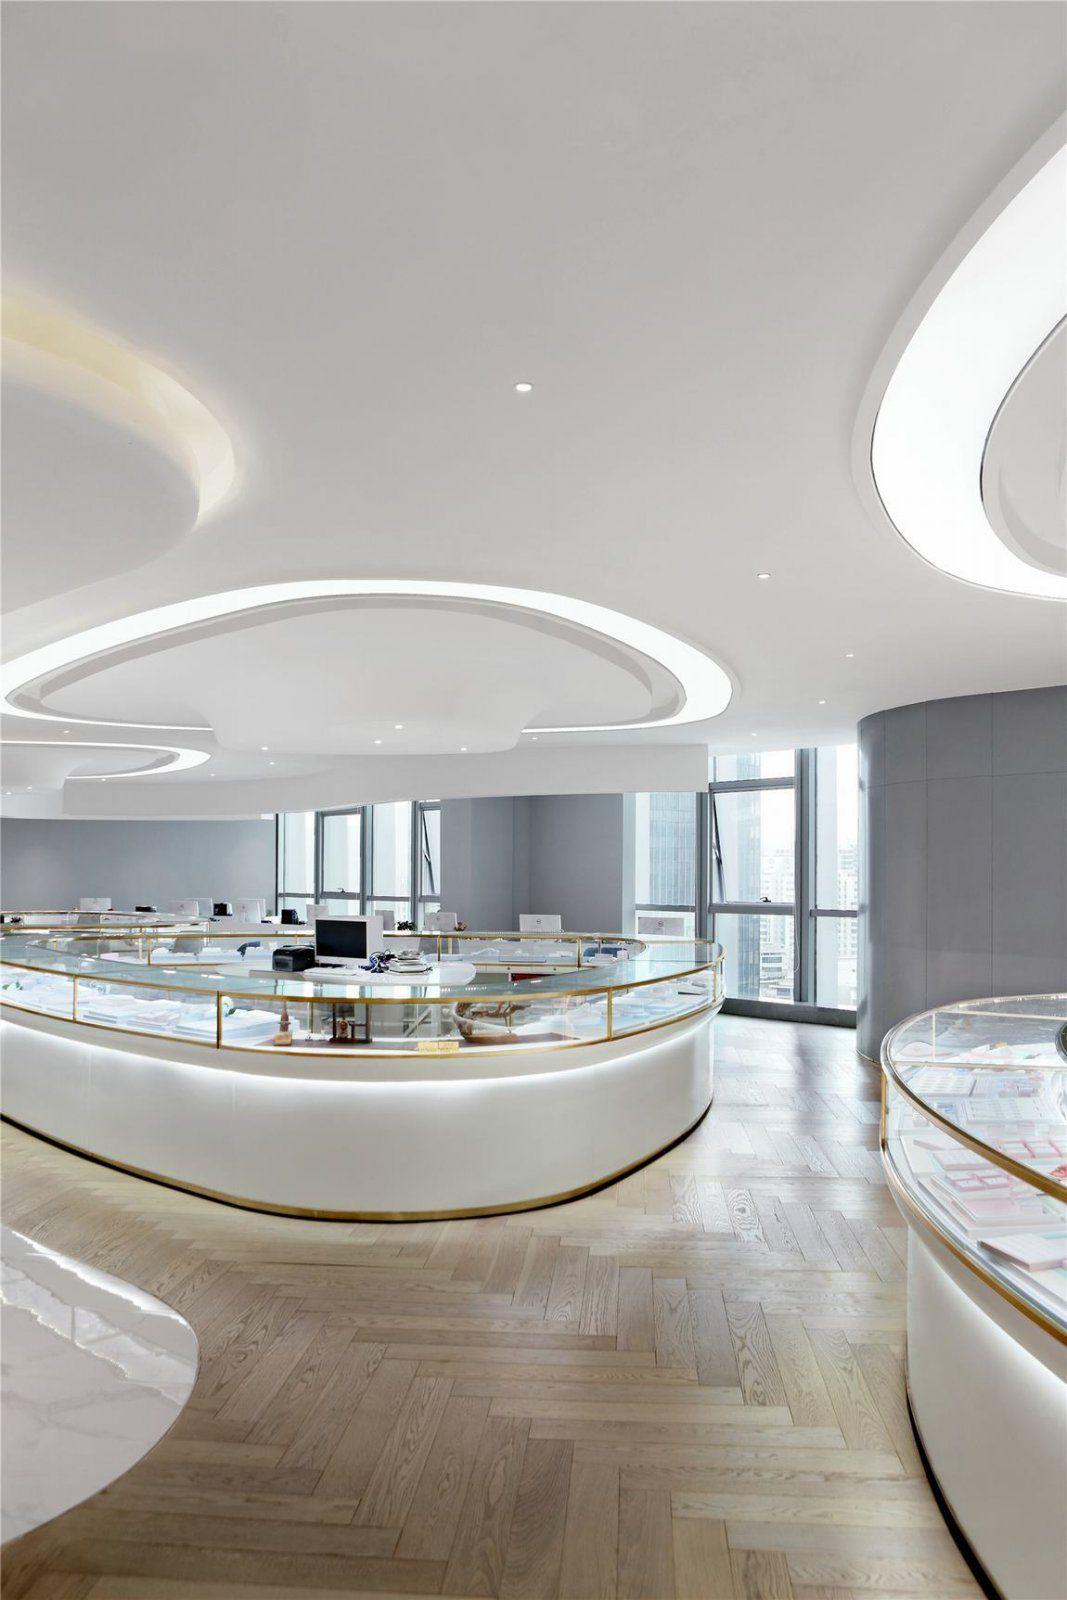 珠光宝气 旖旎知韵——深圳百宝汇珠宝展厅 梓晴设计